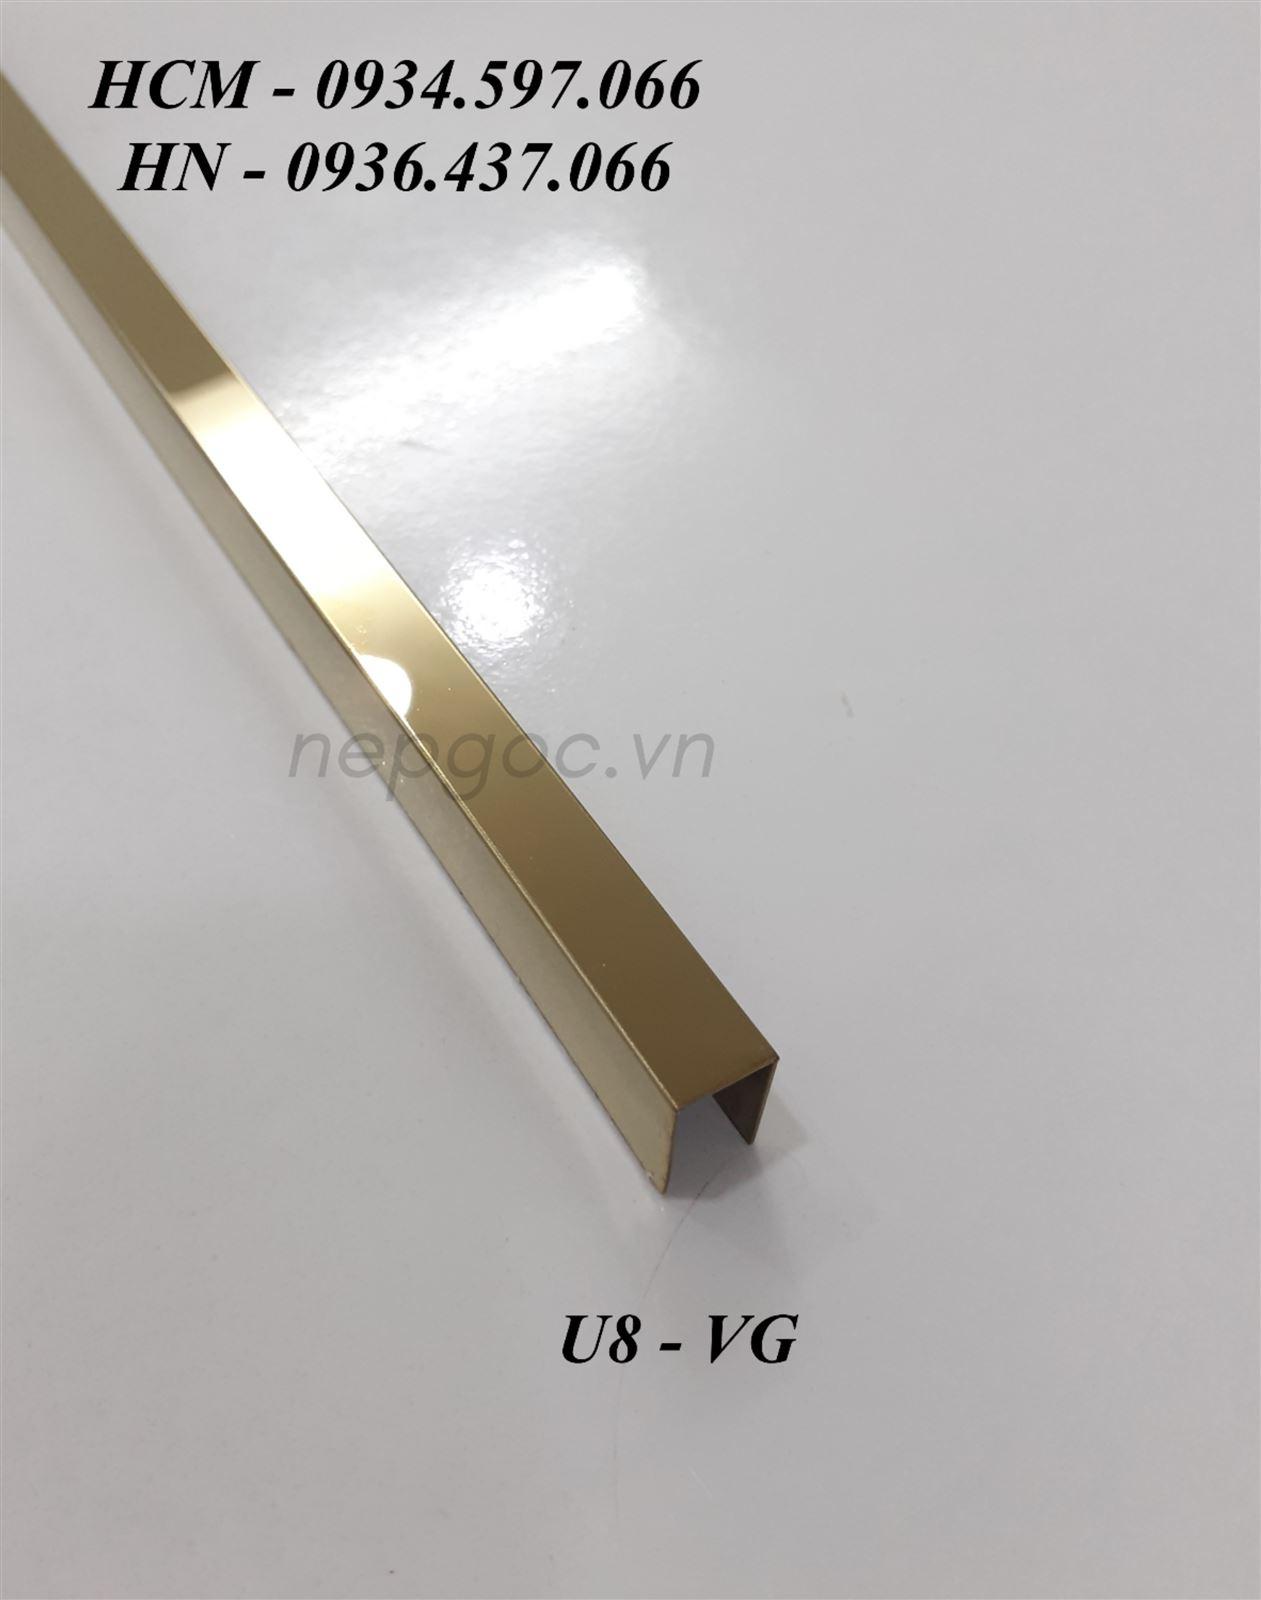 Nẹp Inox JECA U10x8x10mm màu vàng gương